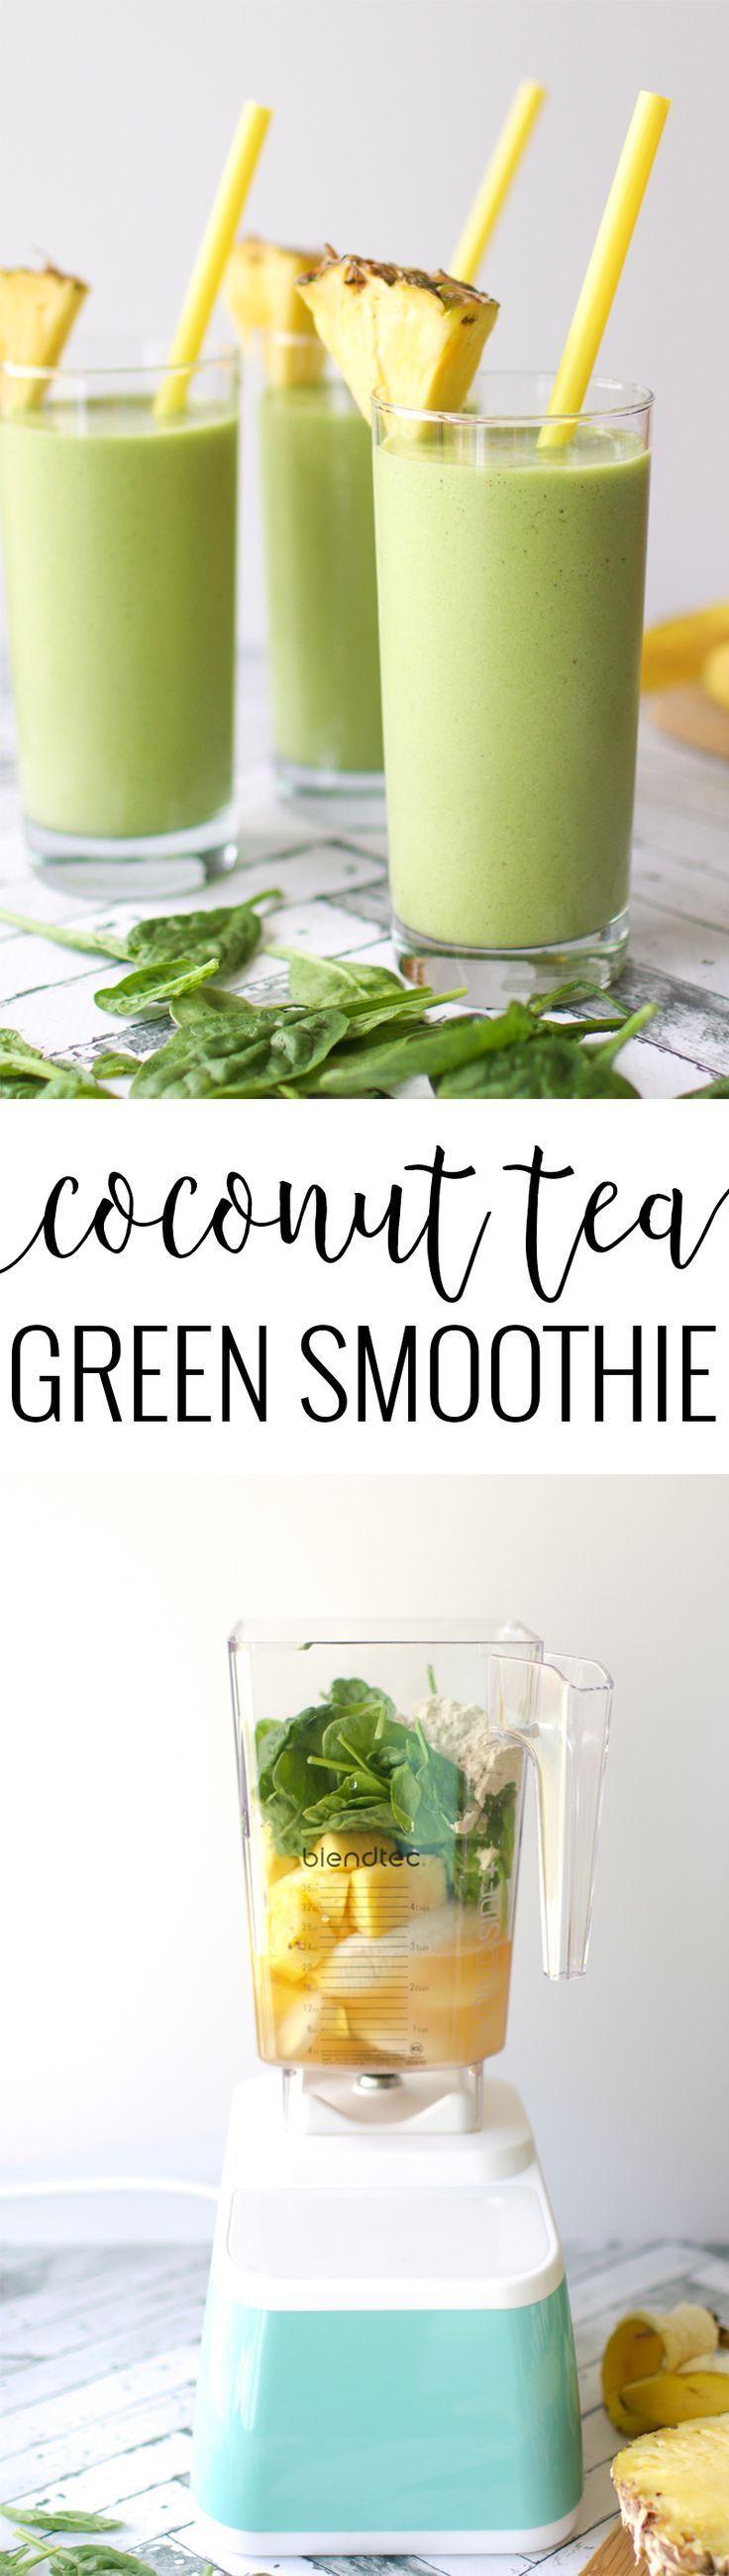 Coconut Tea Green Smoothie | Oh So Delicioso